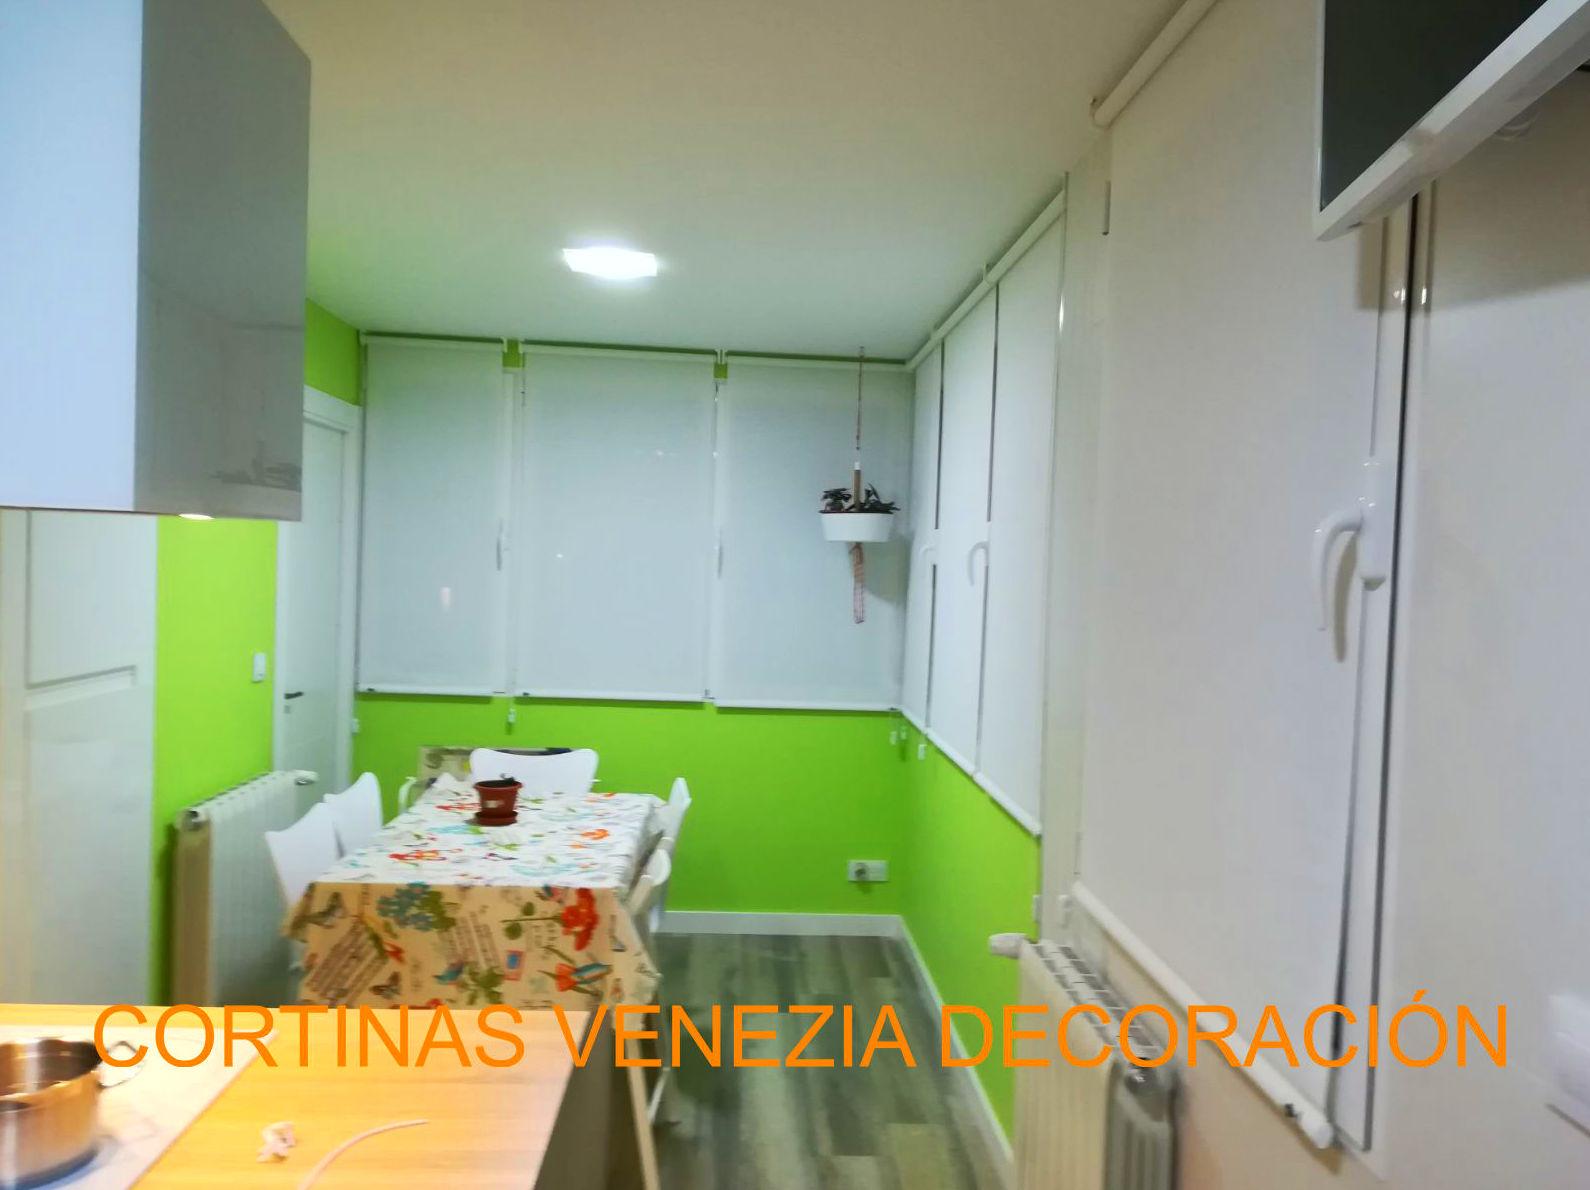 Foto 172 de Cortinas en Albacete | Venezia Decoración